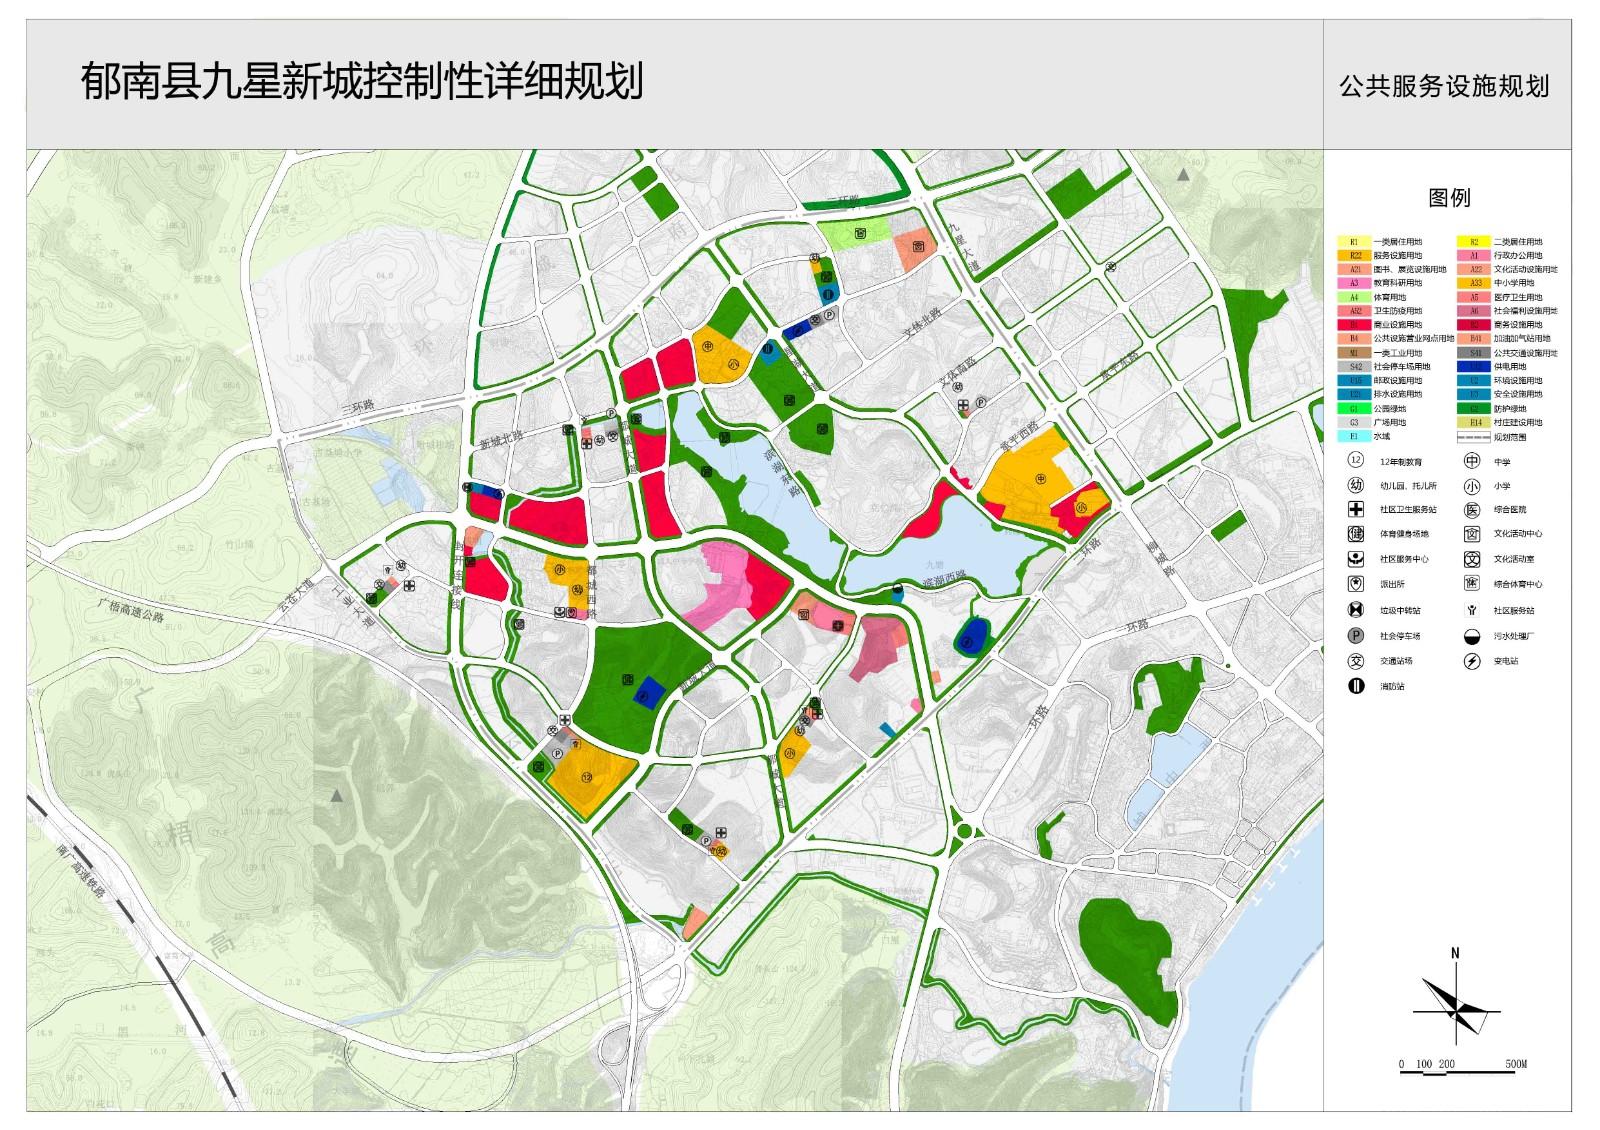 06 公共服务设施规划图.jpg